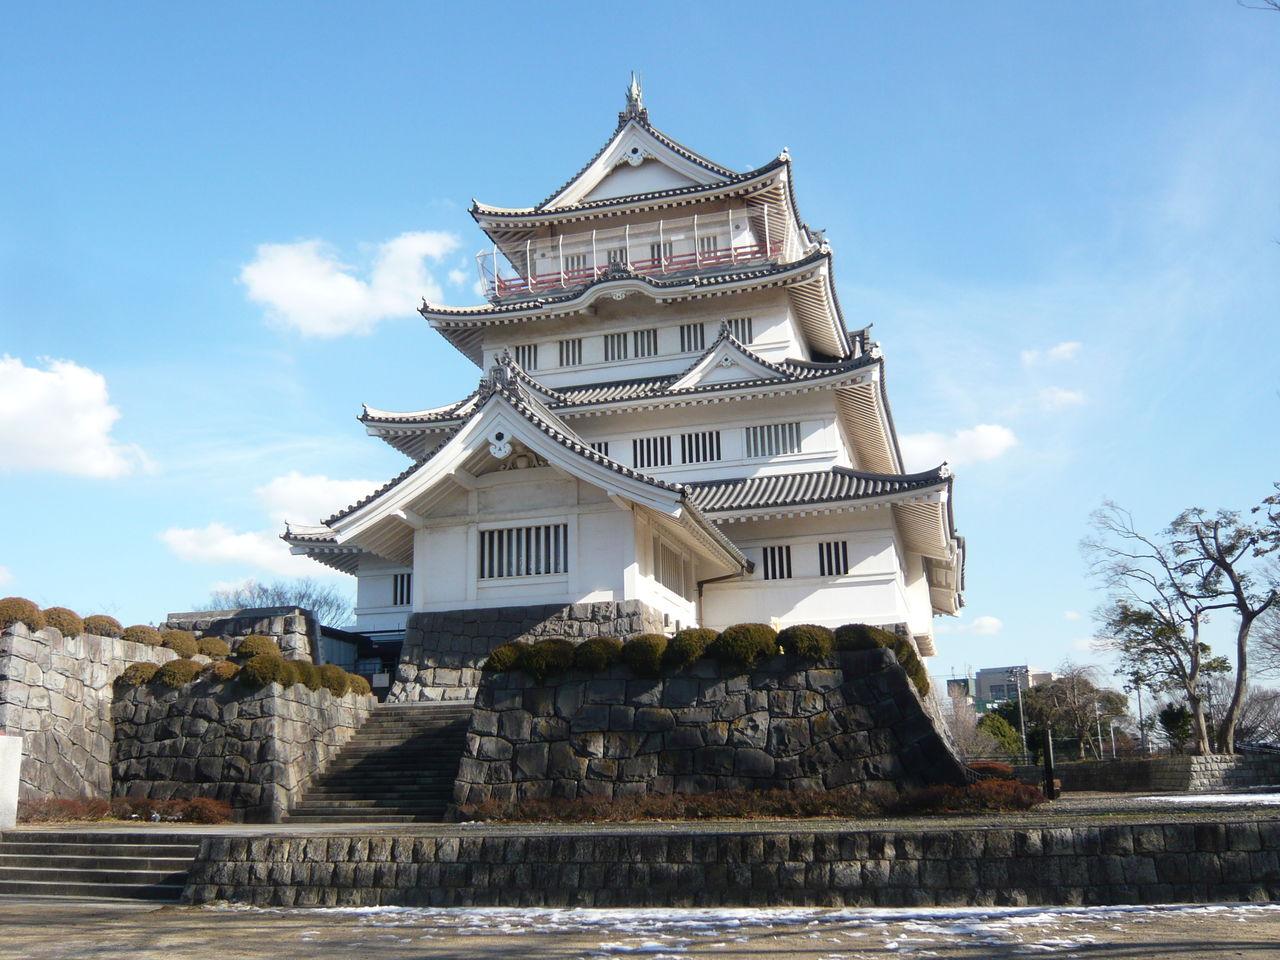 千葉城(亥鼻城)を訪ね歴史を学ぶ!アクセスや駐車場の情報も!